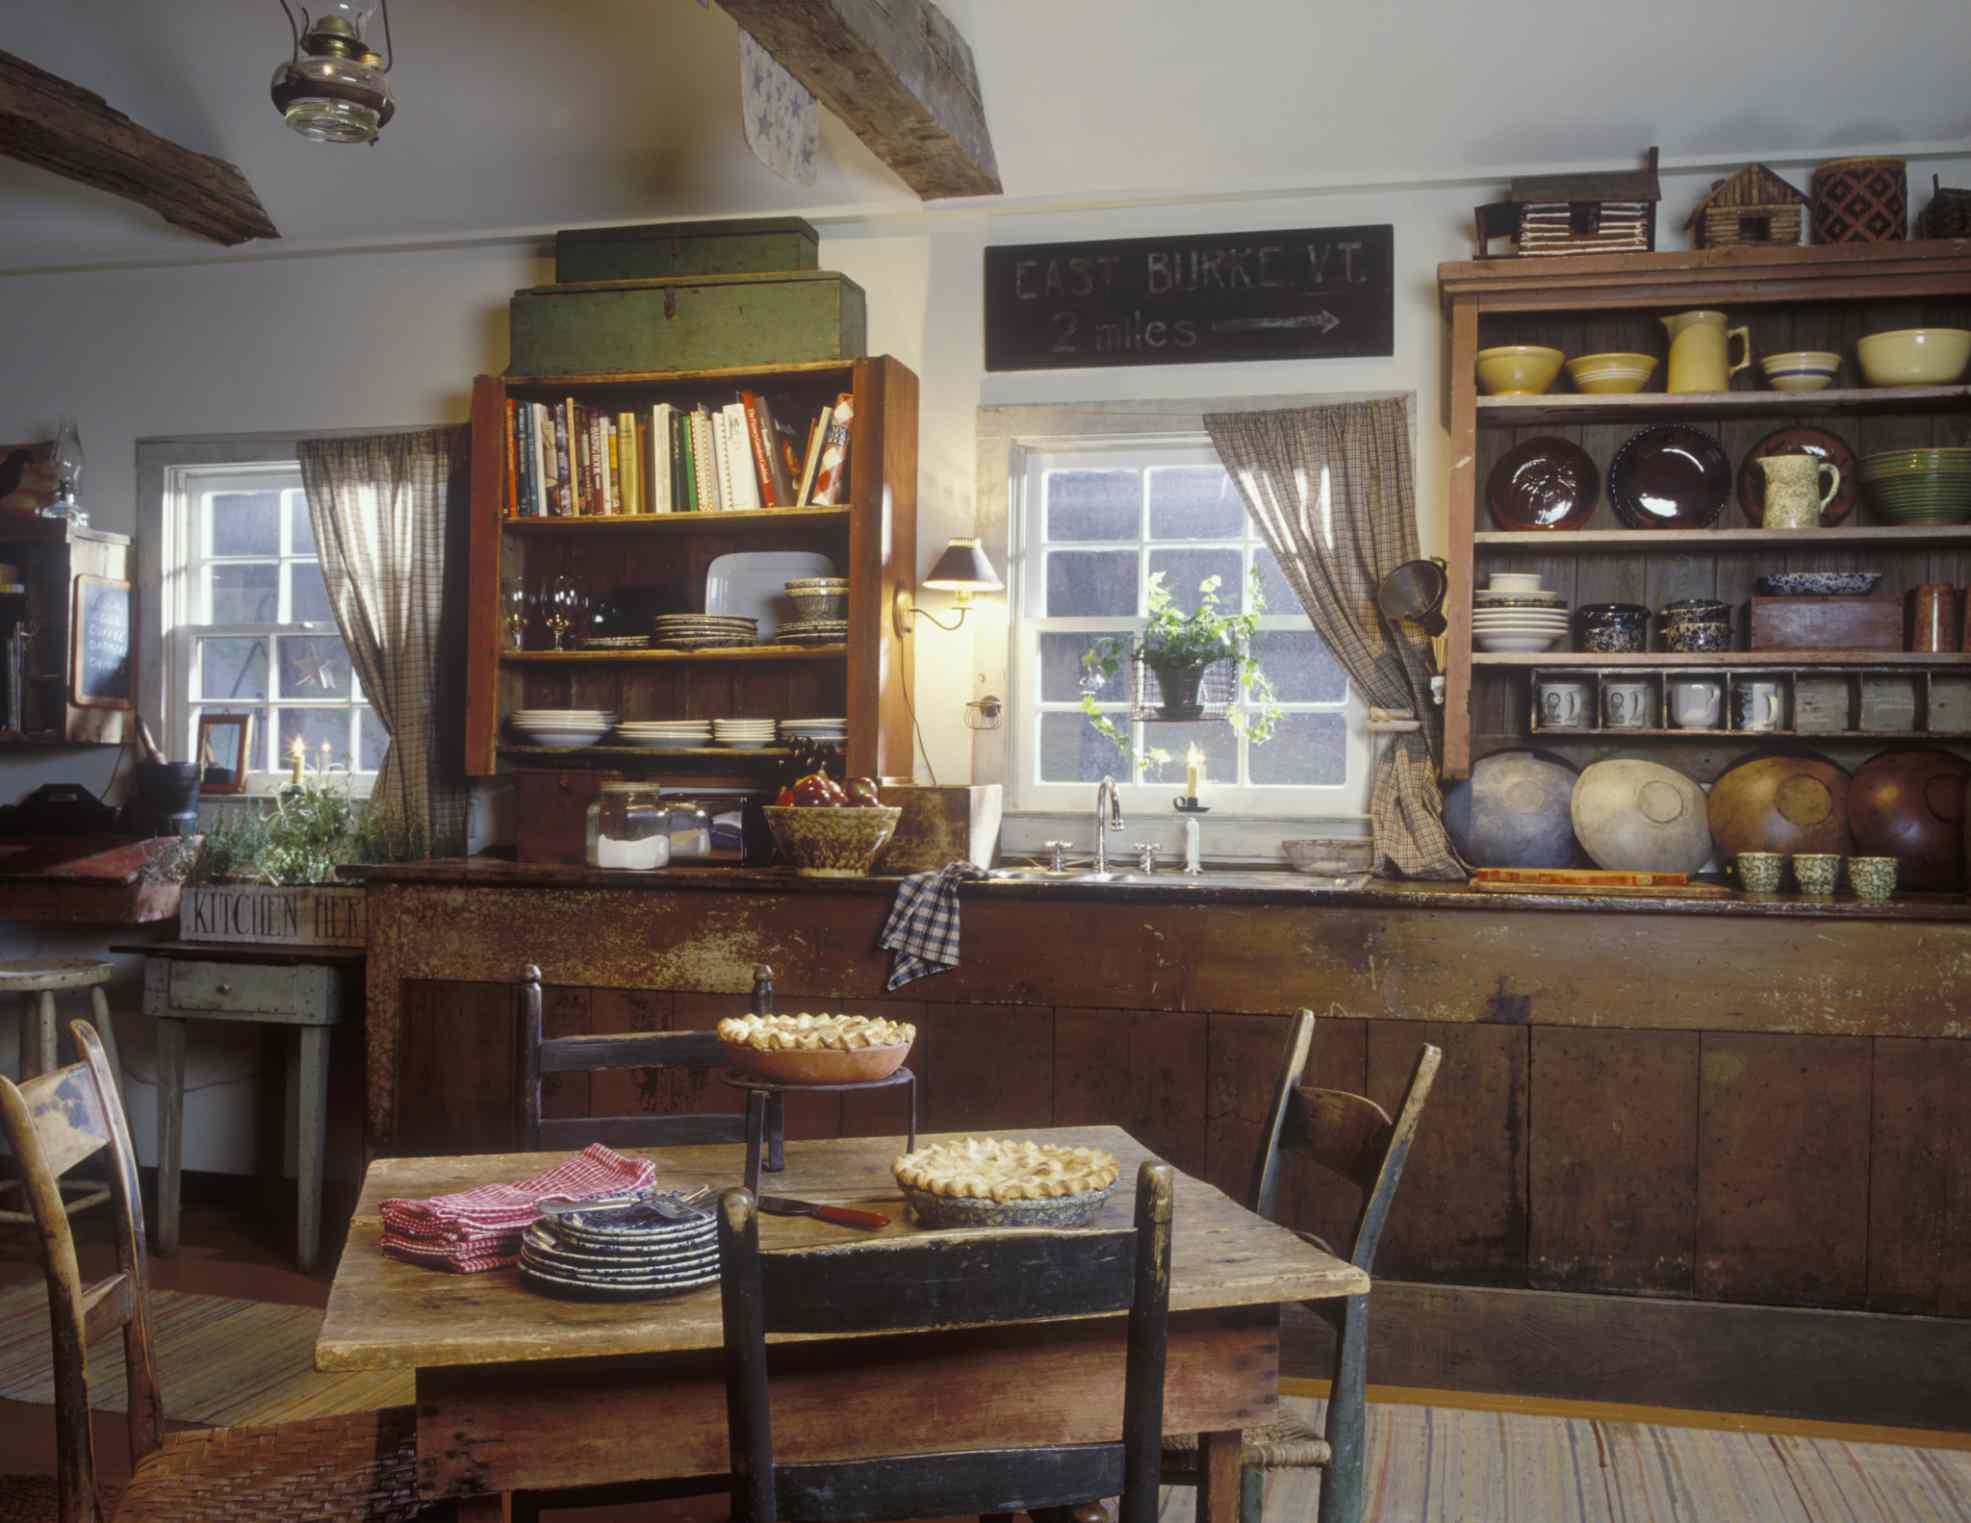 Cocina rústica con estantes abiertos